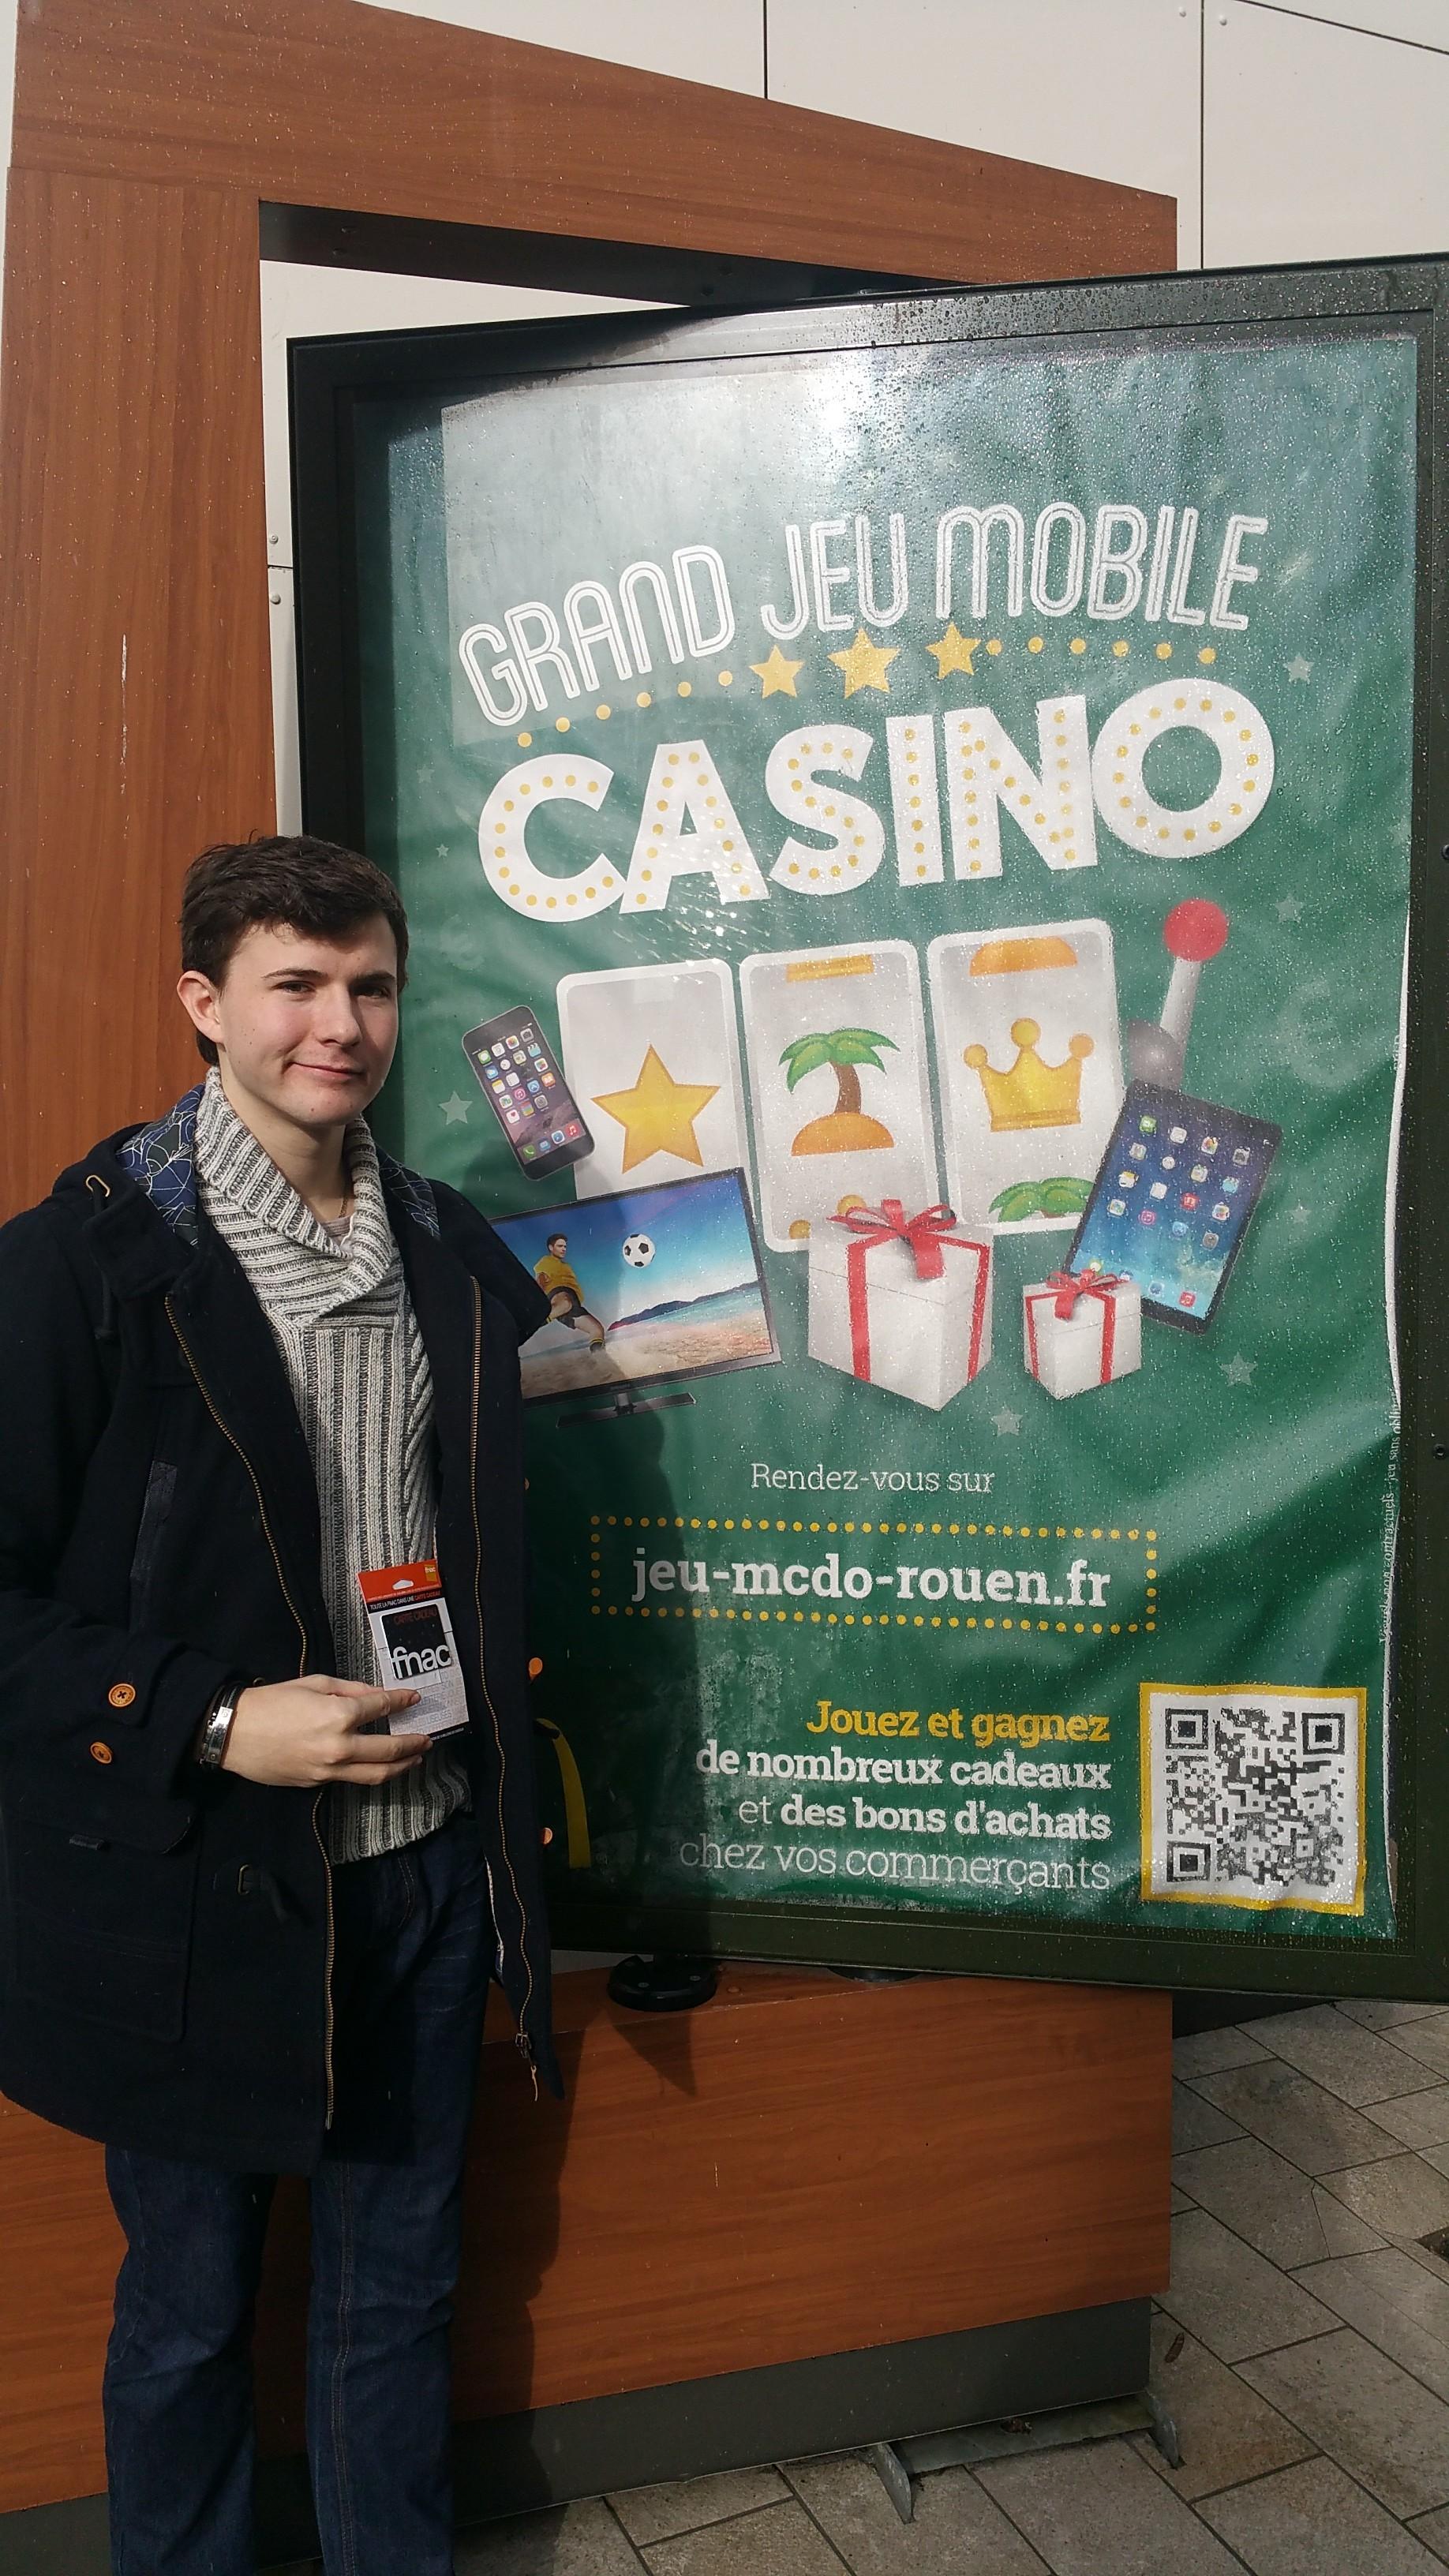 deorartion casino grand jeu